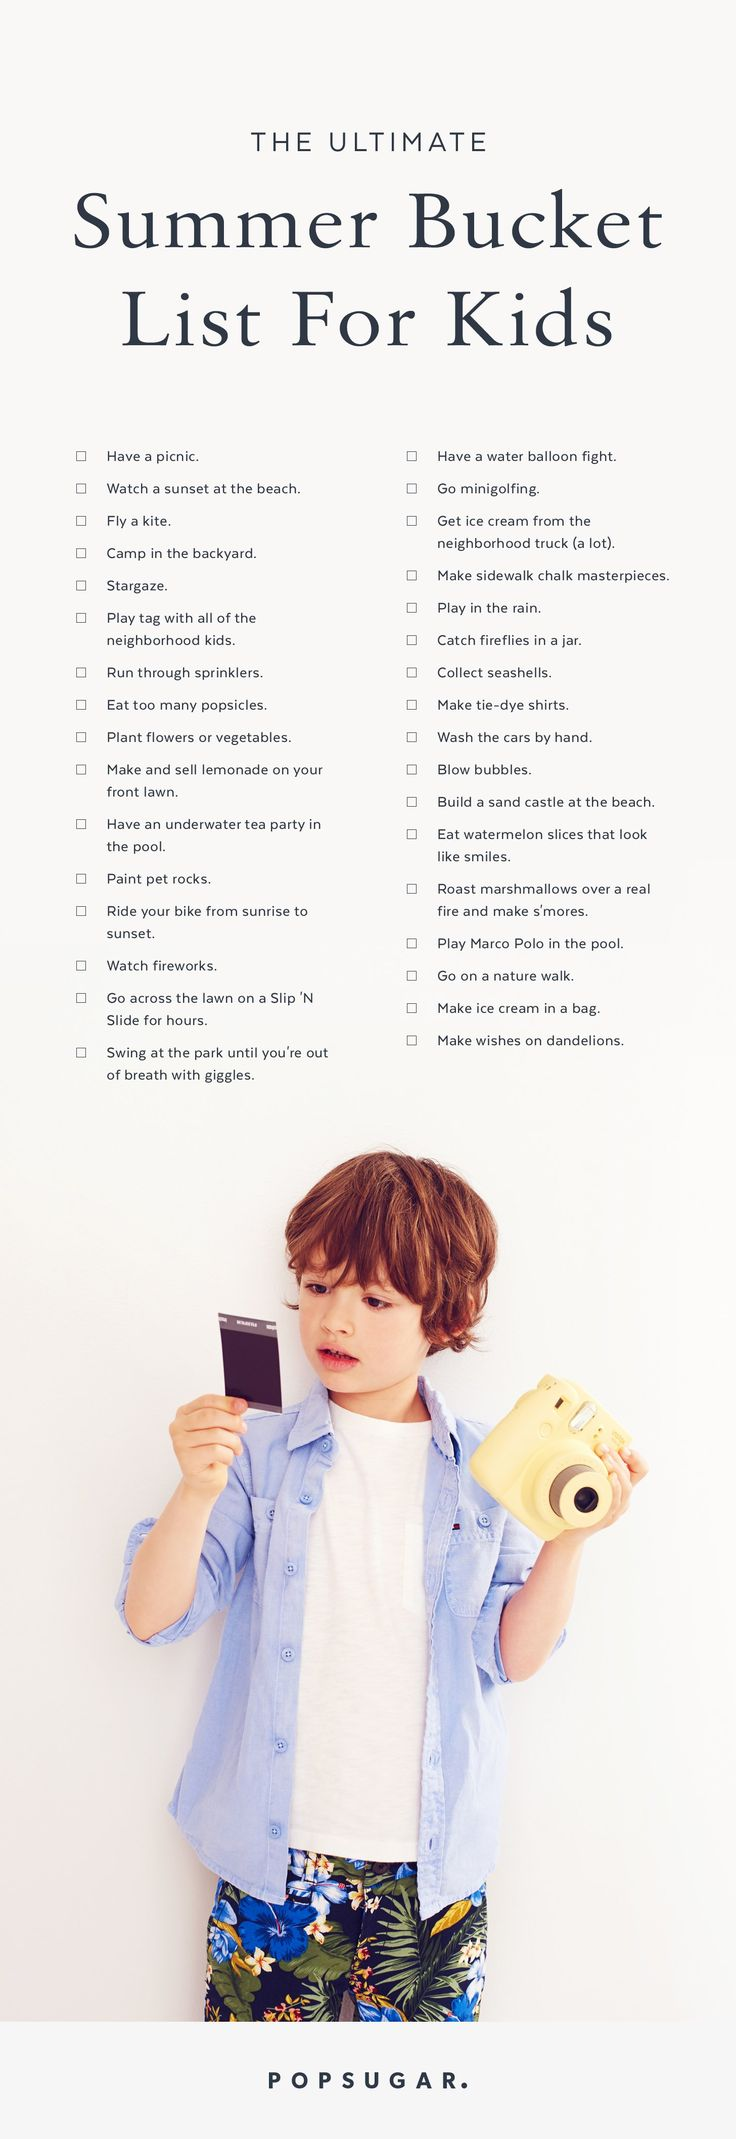 Dies ist die ultimative nostalgische Sommer-Bucket-Liste für Ihre Kinder  – Kid Stuff